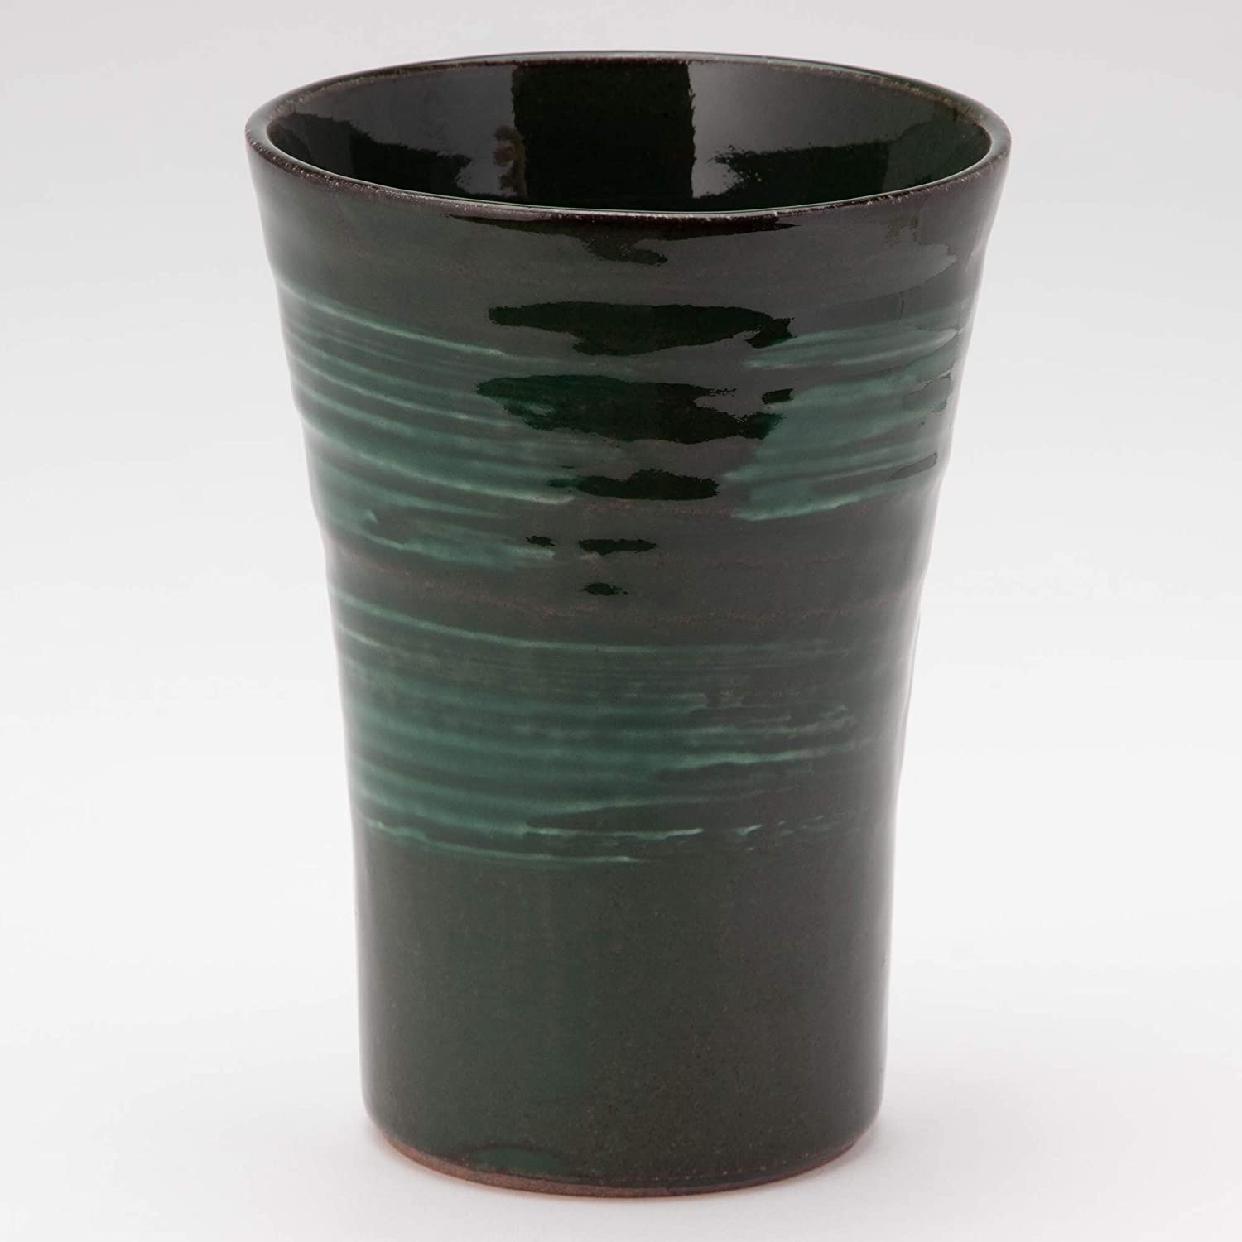 MINO CRAFT.(みのうくらふと)持ち易い焼酎カップ エメラルド K51148の商品画像4